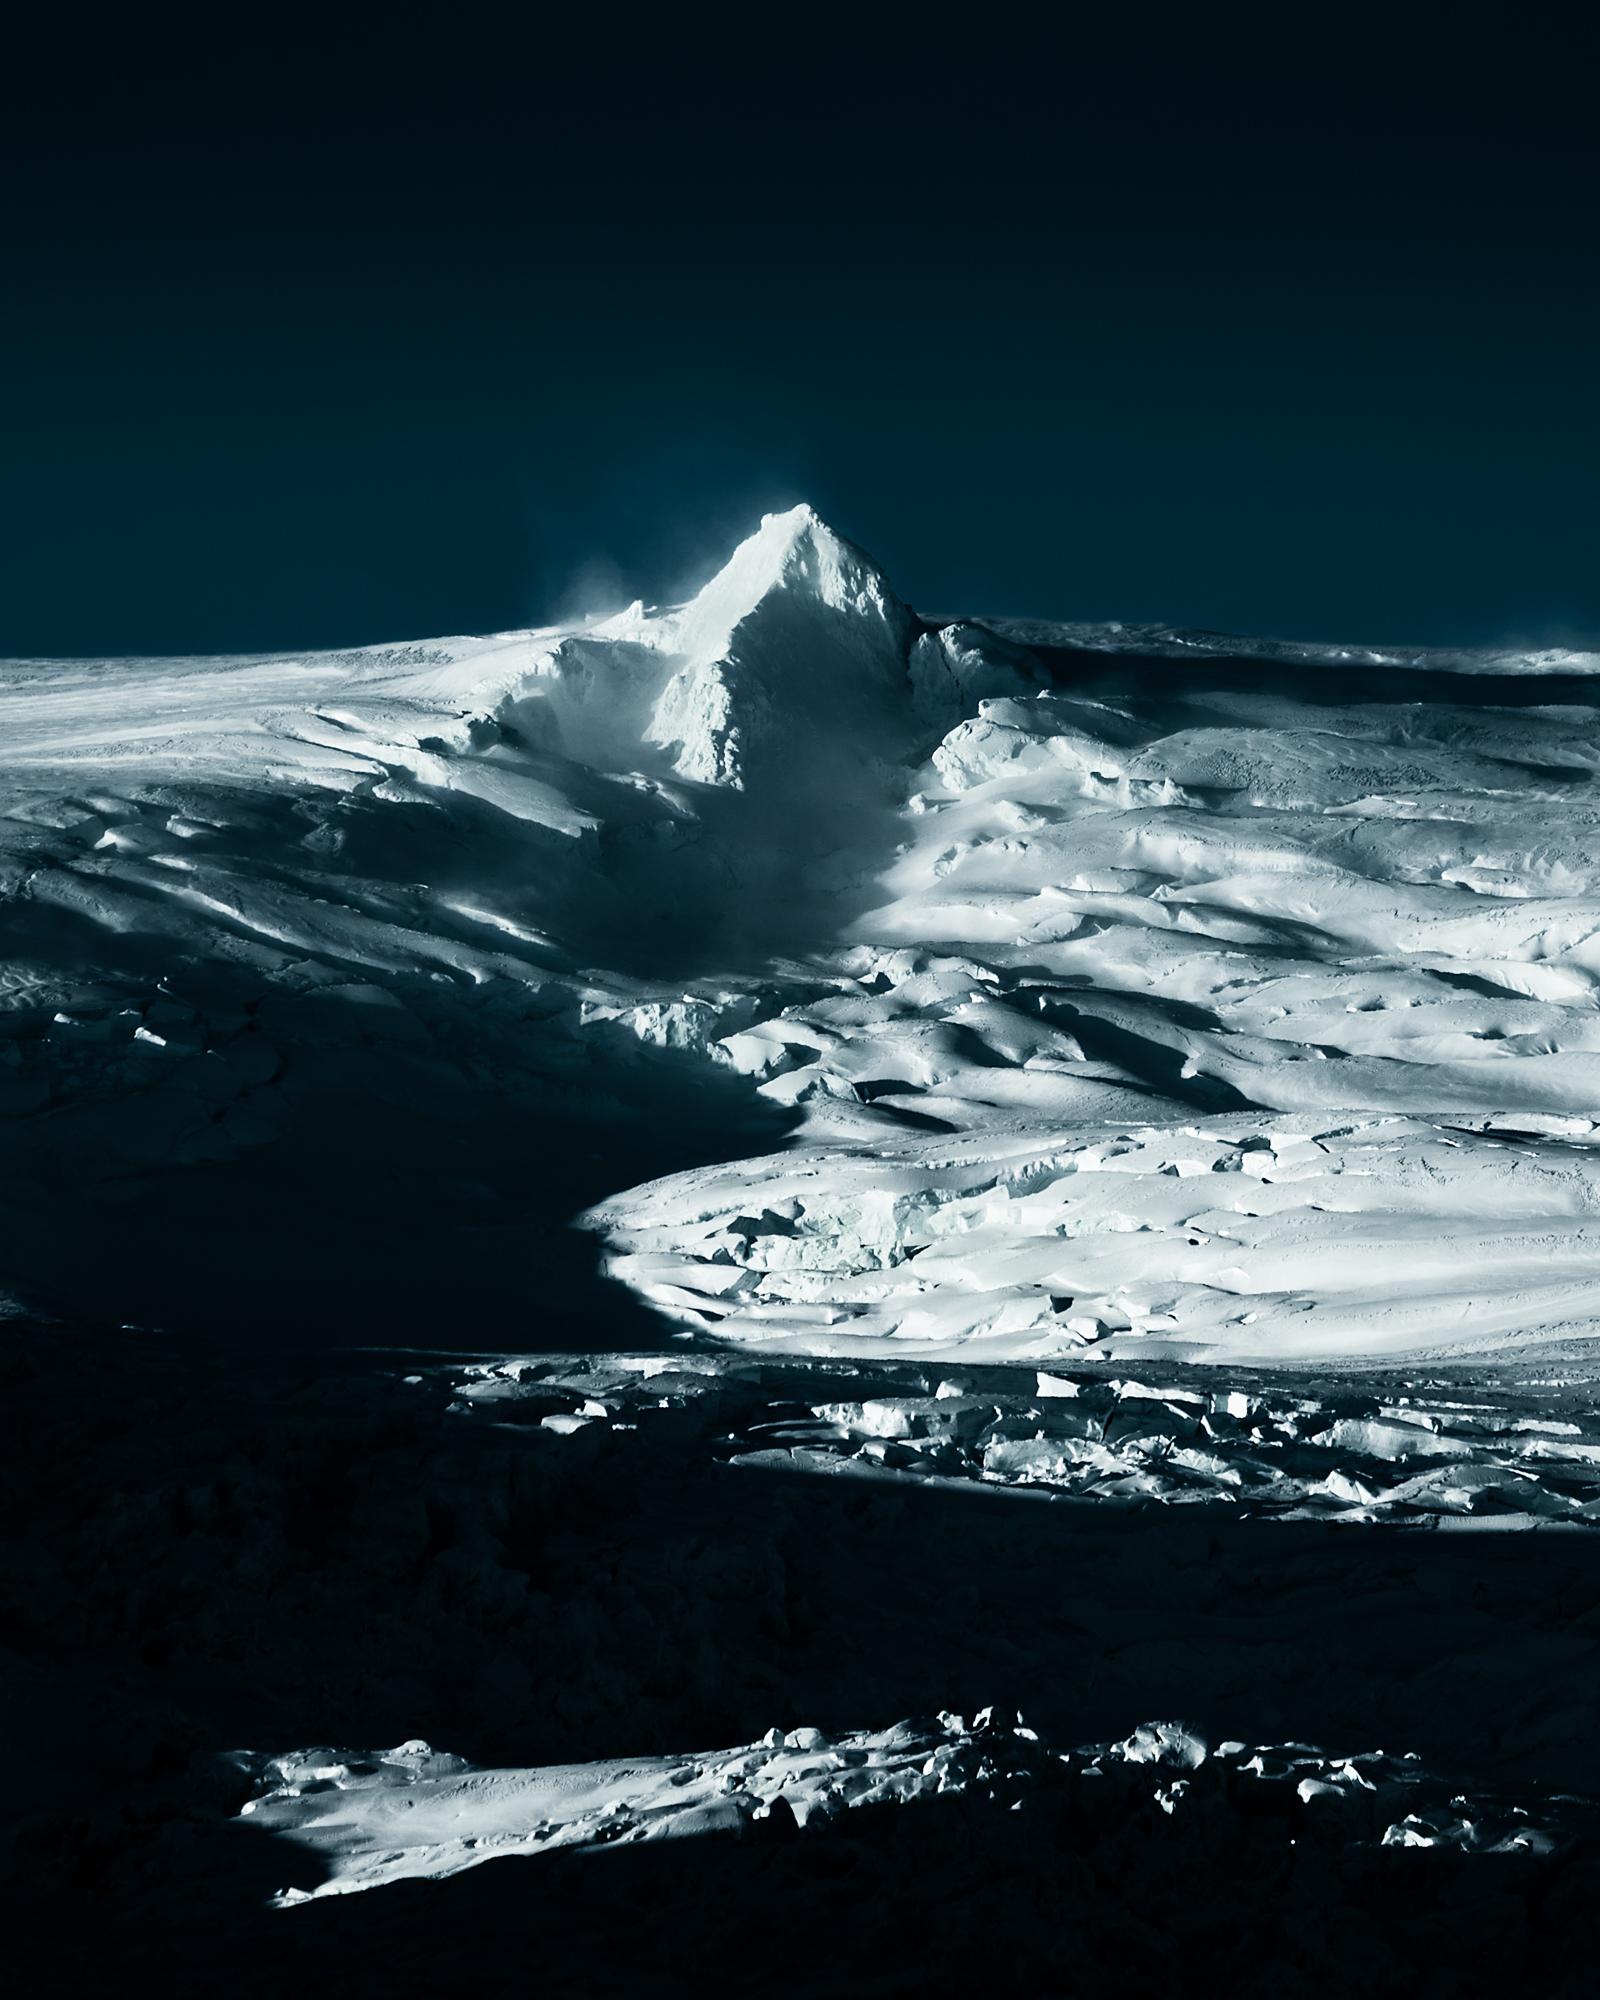 GlacierPeakWide2019_0101_Island_Instagram__A732838-Bearbeitet.jpg